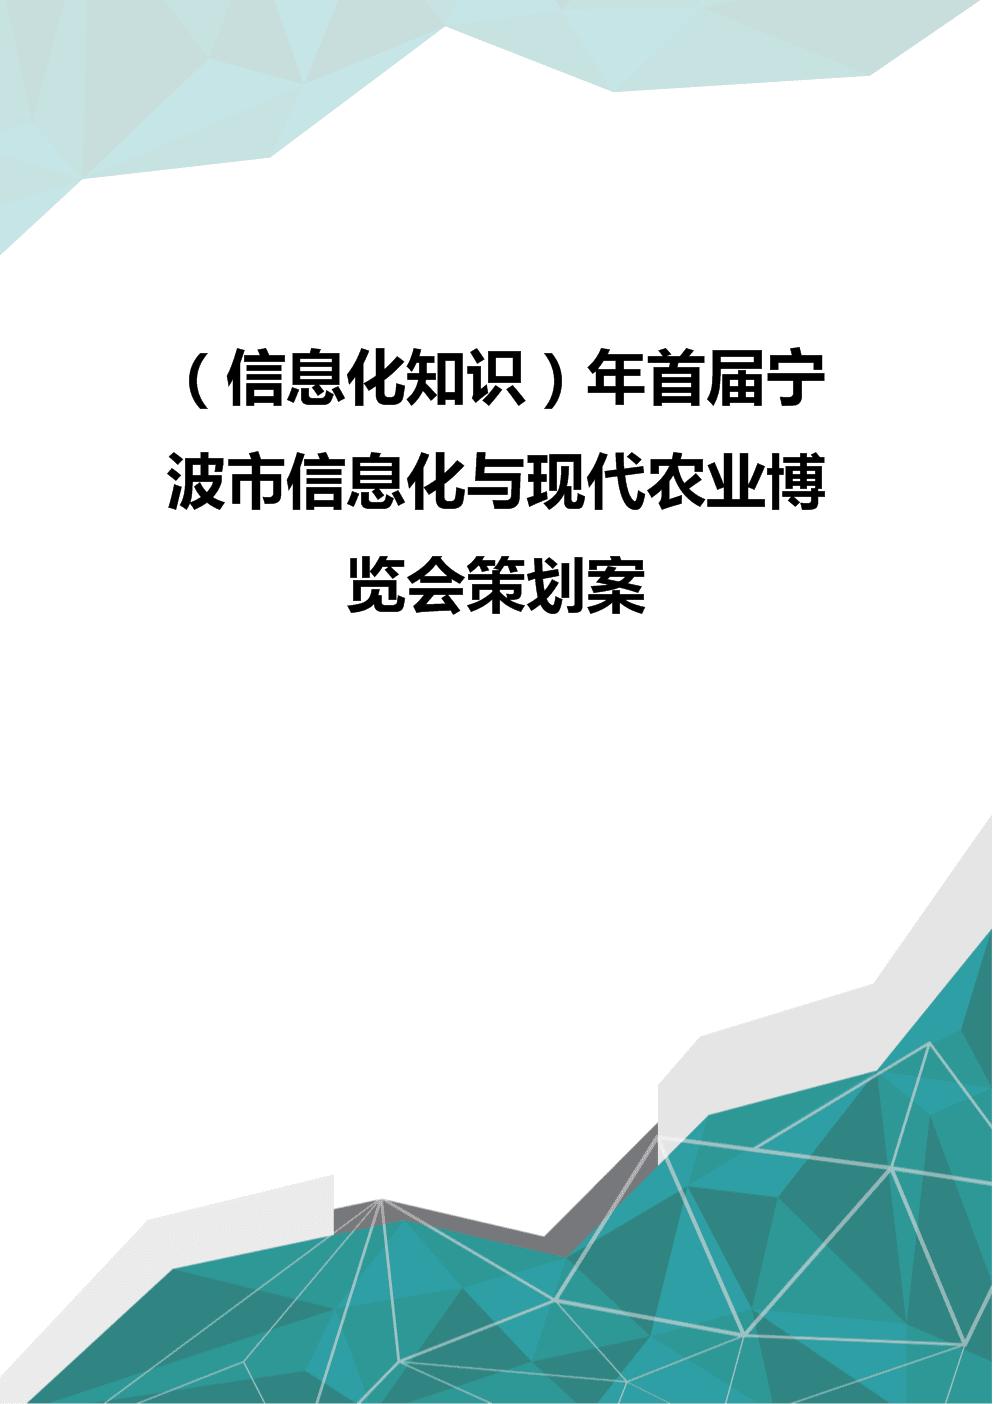 (信息化知识)年首届宁波市信息化与现代农业博览会策划案优质.doc